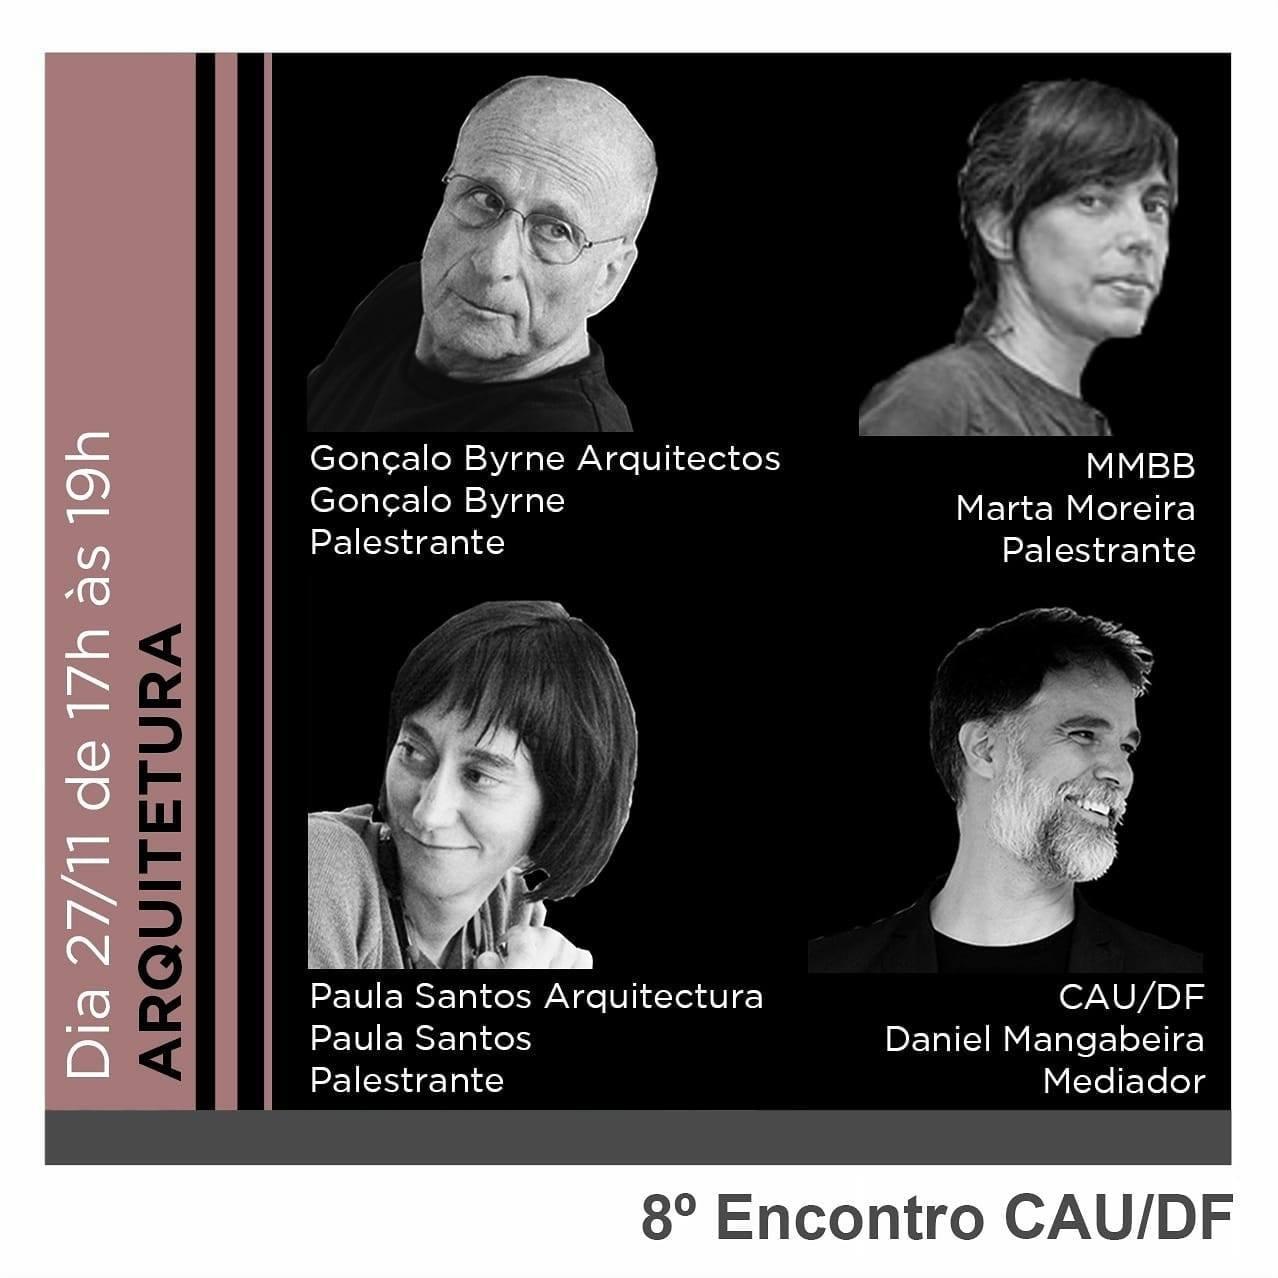 8º Encontro CAU/DF: Novos Caminhos da arquitetura e do urbanismo